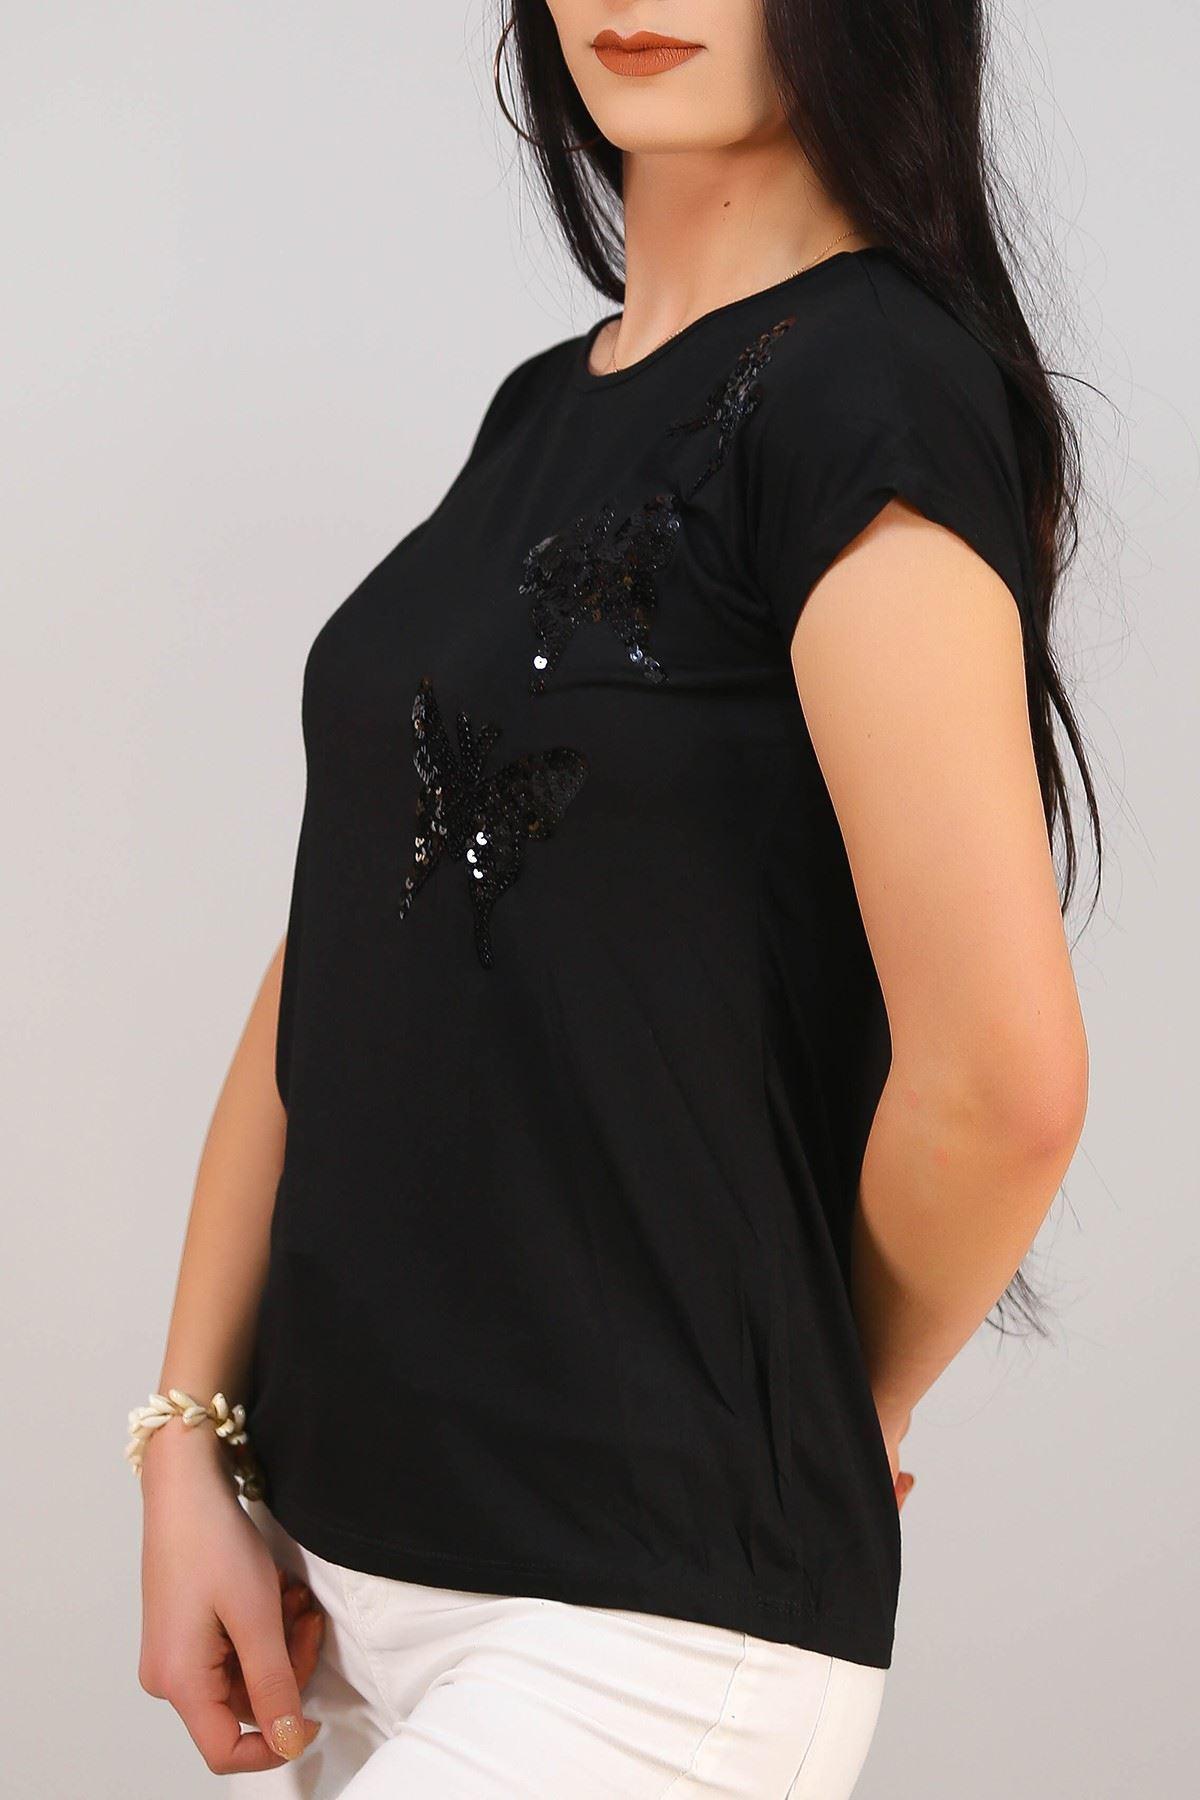 Pullu Kelebek Tişört Siyah - 5032.139.